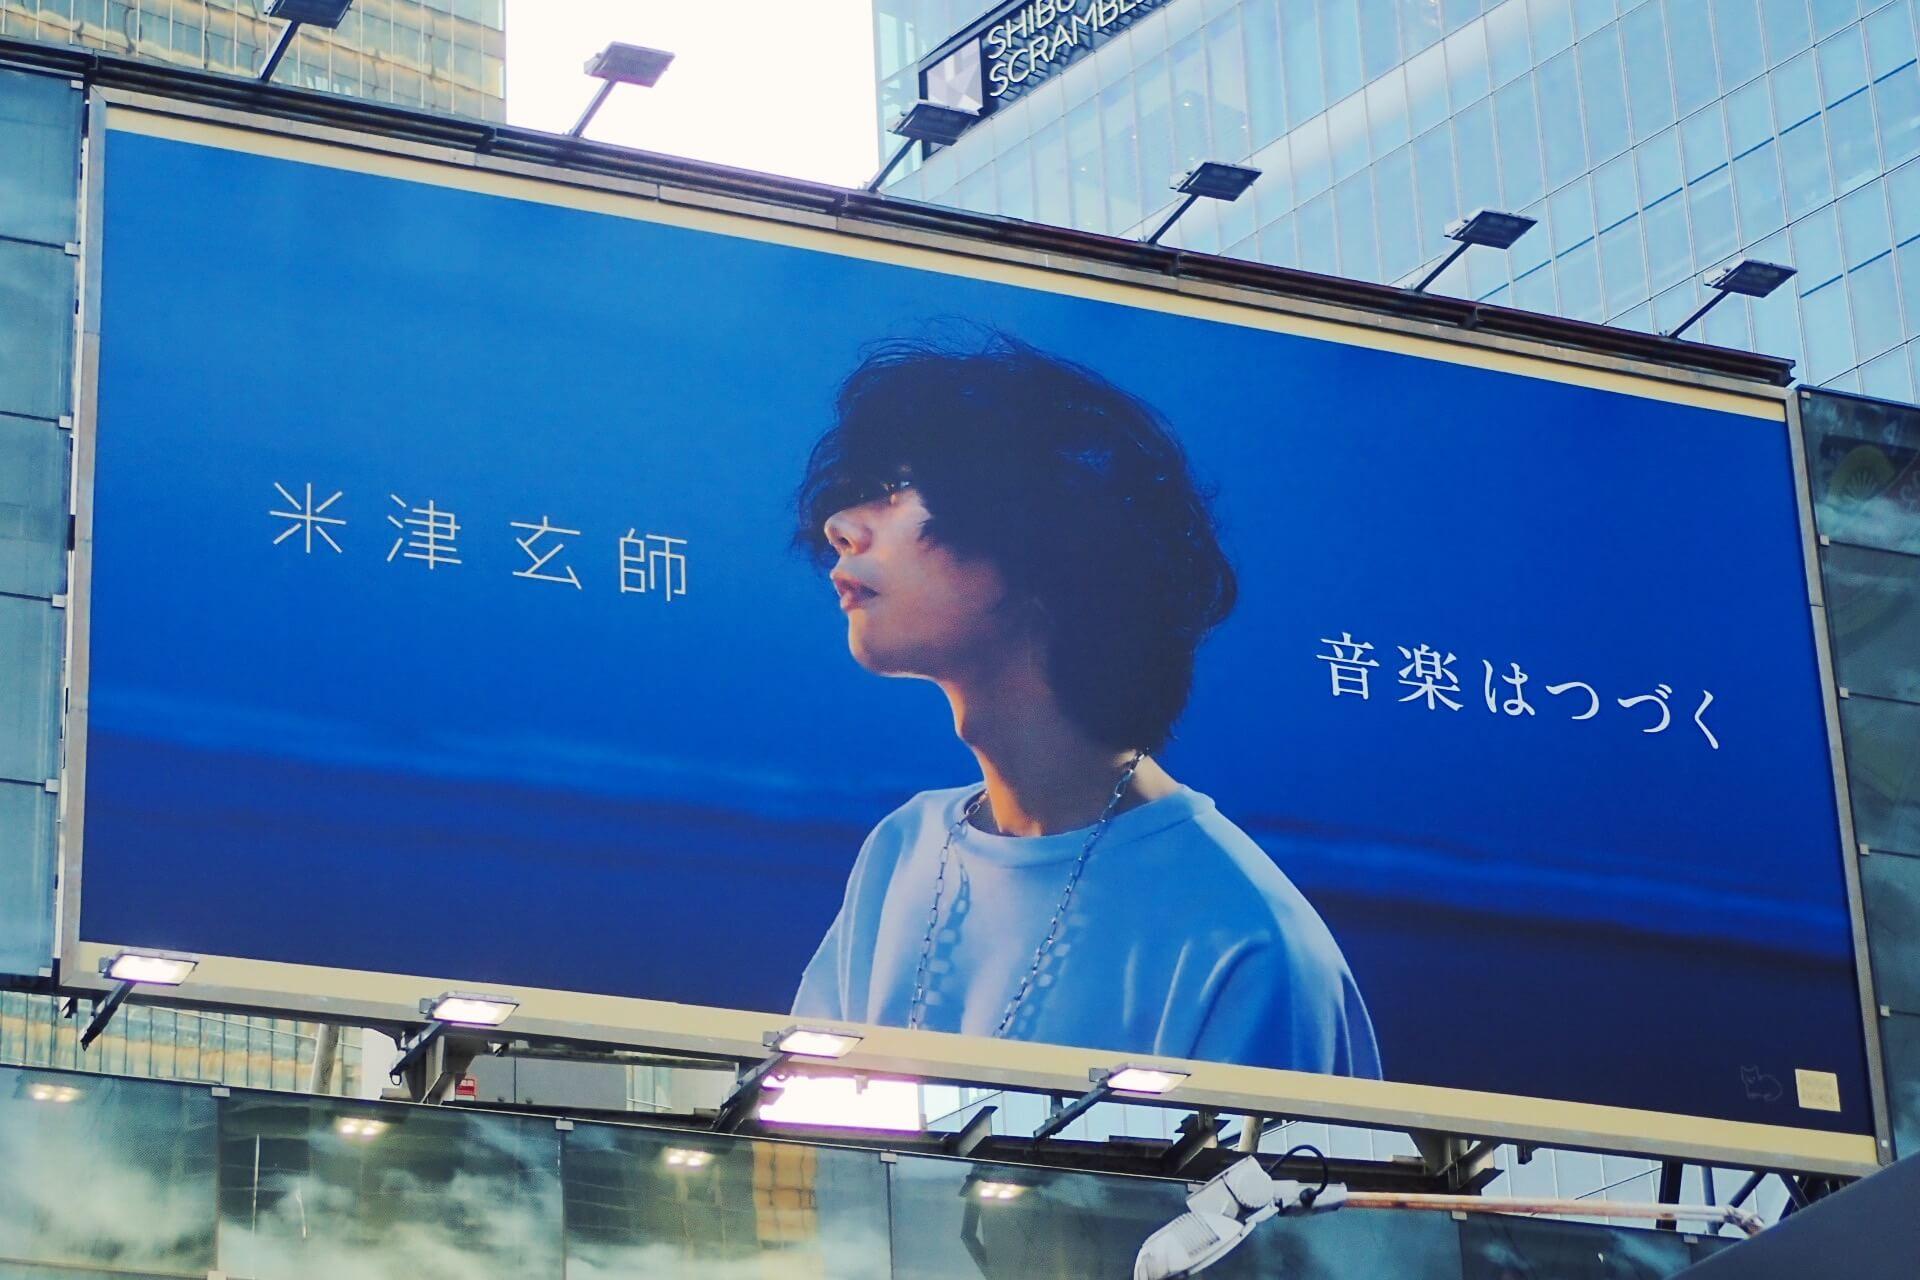 米津玄師 Kenshi Yonezu 渋谷駅ビルボード写真